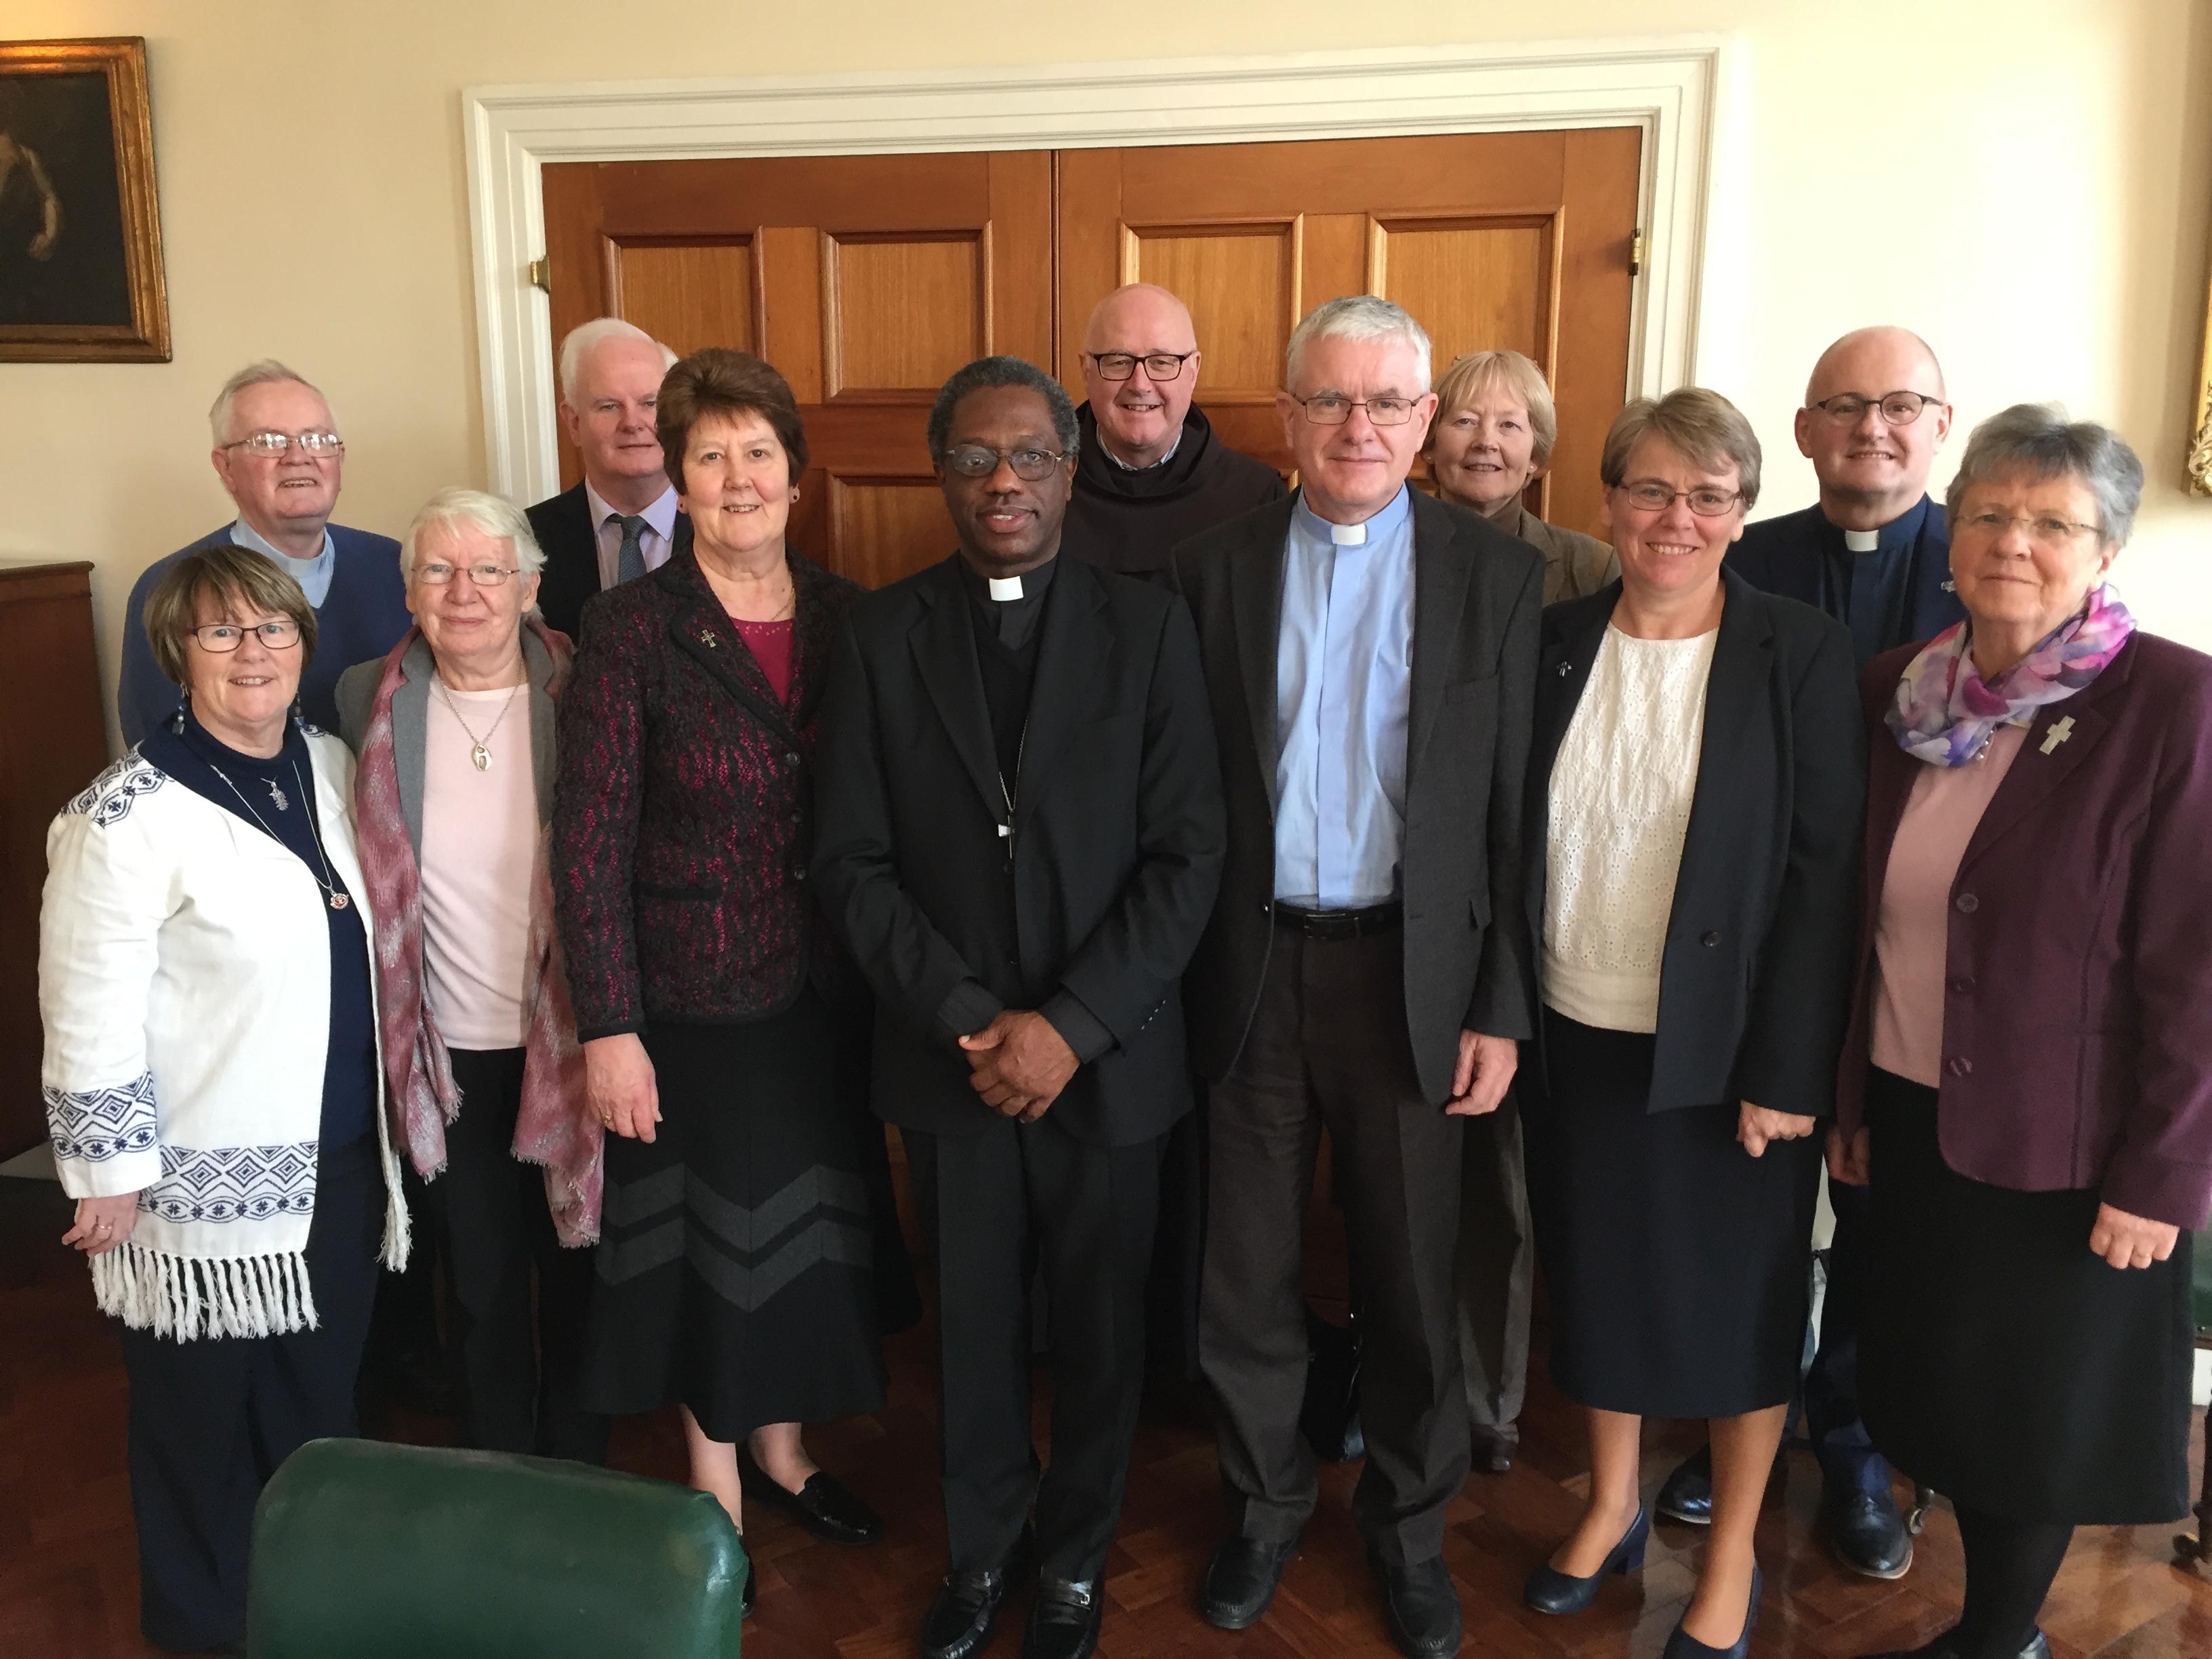 Meeting the Apostolic Nuncio